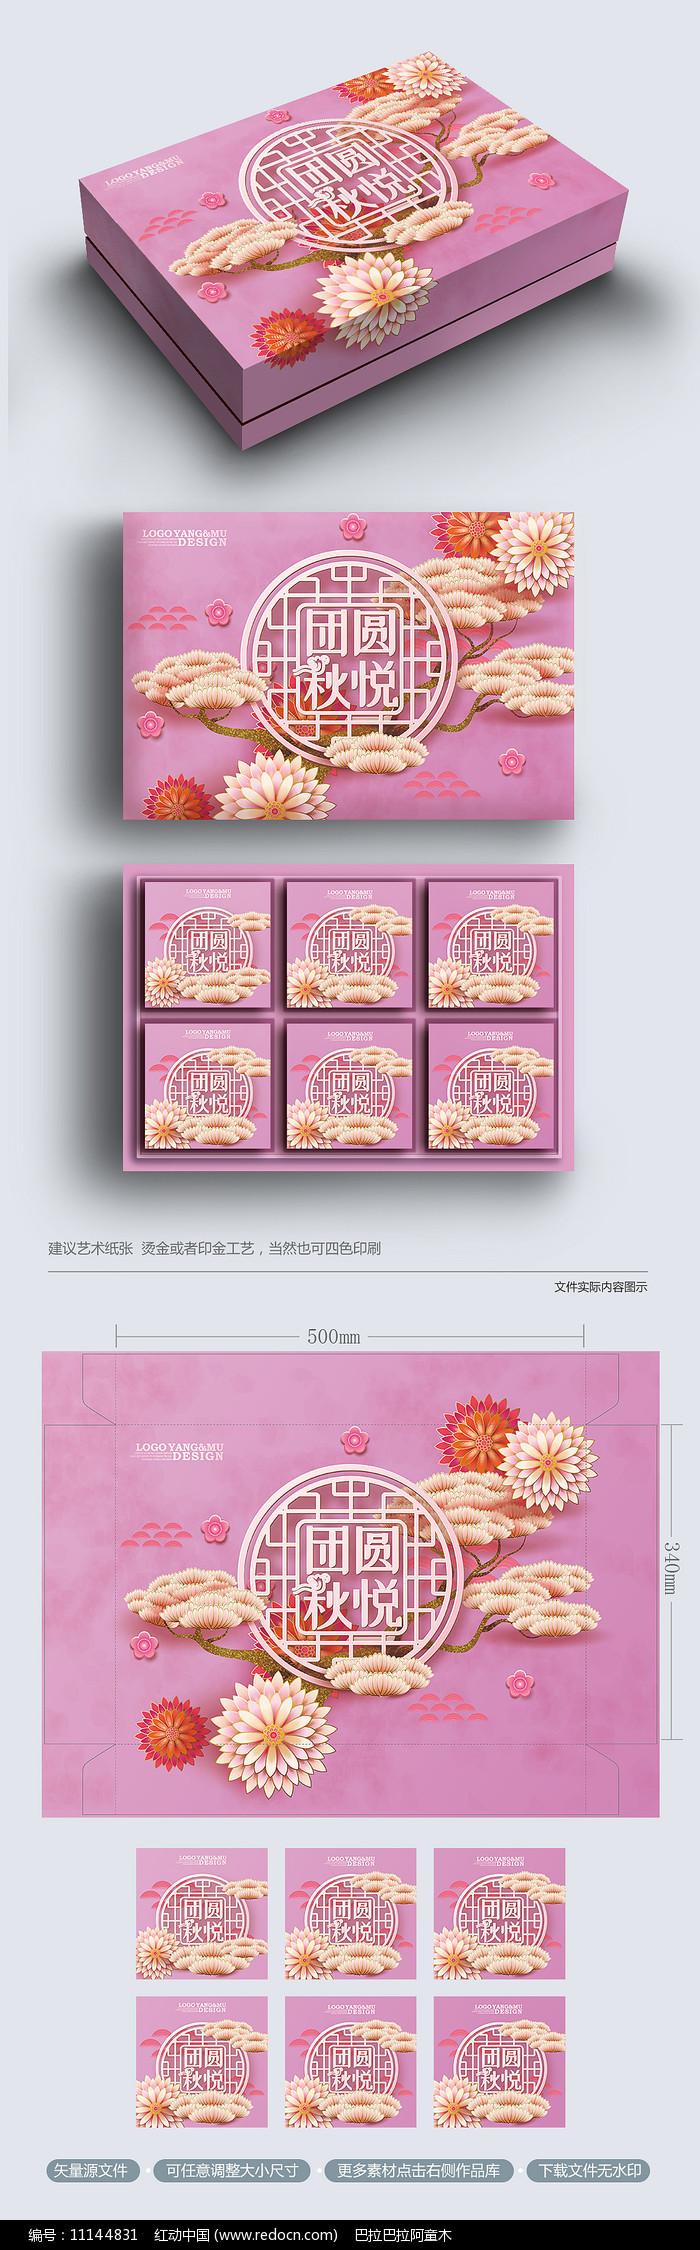 粉色新古典高端月饼礼盒包装设计图片